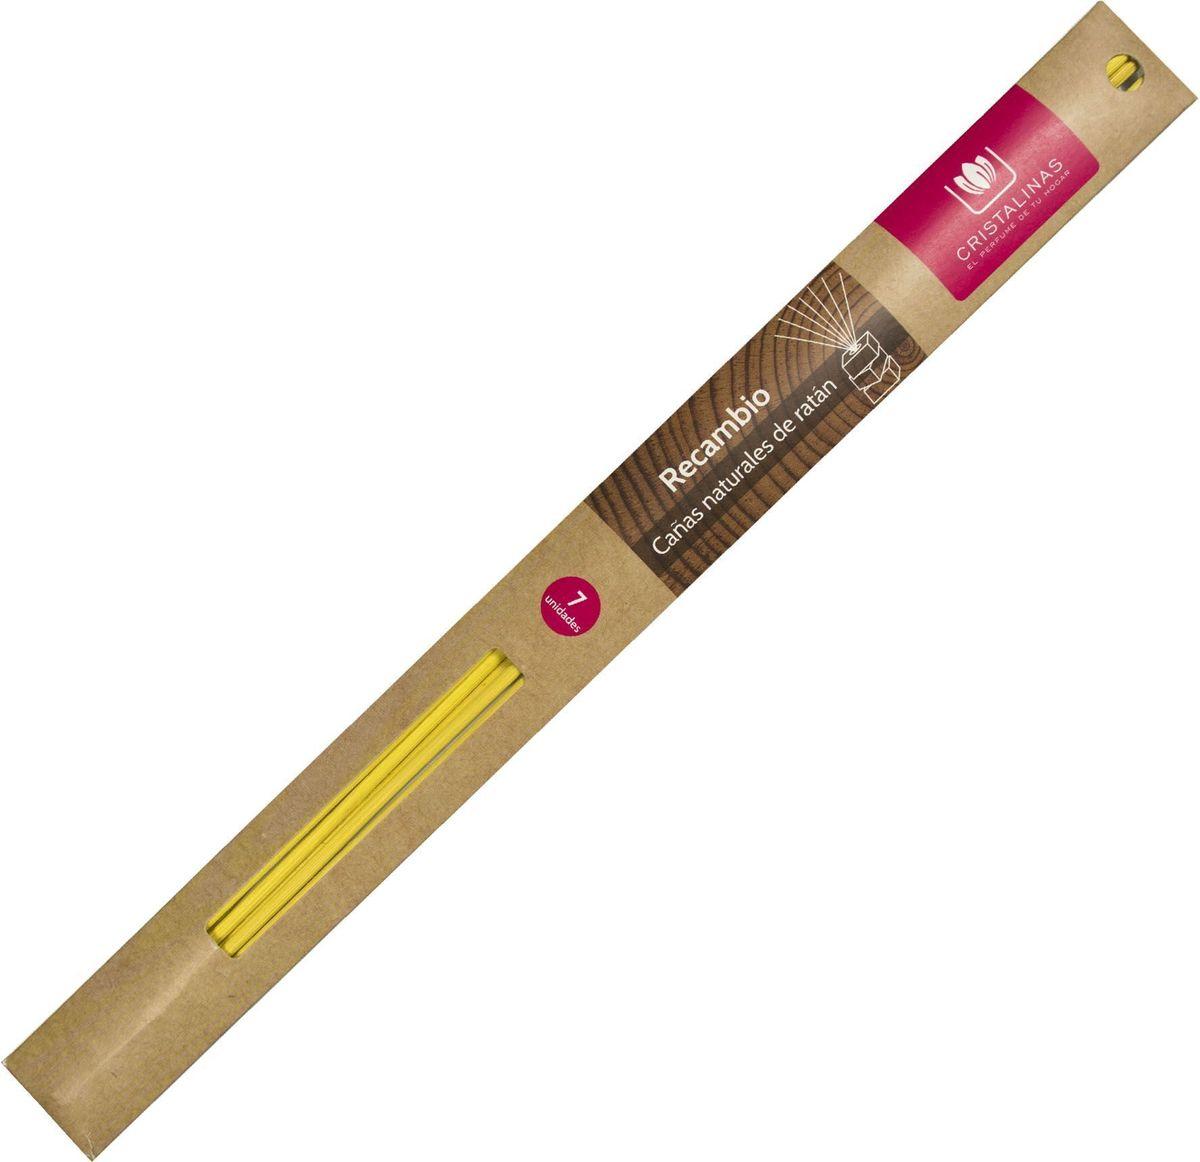 Палочки ротанговые Cristalinas Natural Wood, цвет: желтый, 7 шт316330Палочки ротанговые Cristalinas Natural Wood- главный атрибут любого арома-диффузора. Благодаря их особой пористой структуре ароматическое масло хорошо впитывается, затем поднимается из флакона вверх, наполняя помещение приятным ароматом. Можно использовать разное количество палочек, регулируя интенсивность аромата. Ротанговые палочки Cristalinas созданы из натурального дерева. Способ применения: поместить необходимое количество ротанговых палочек во флакон. Рекомендуется периодически переворачивать палочки для повышения интенсивности аромата. Состав: материал – ротанг.